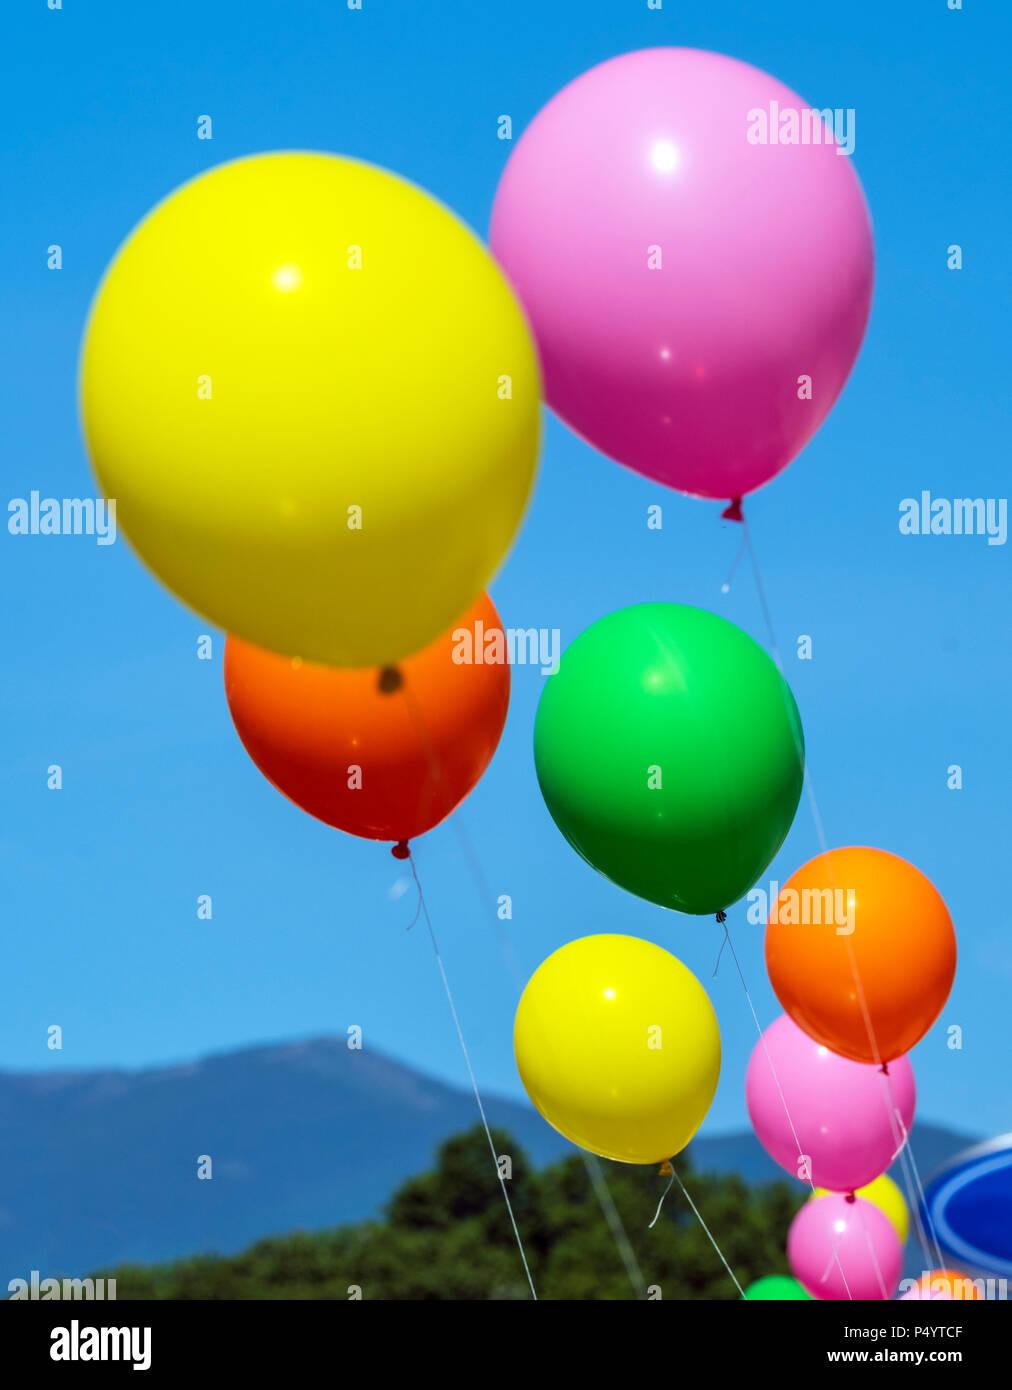 Globos de colores; día ventoso; concesionario de automóviles; Salida, Colorado, EE.UU. Imagen De Stock